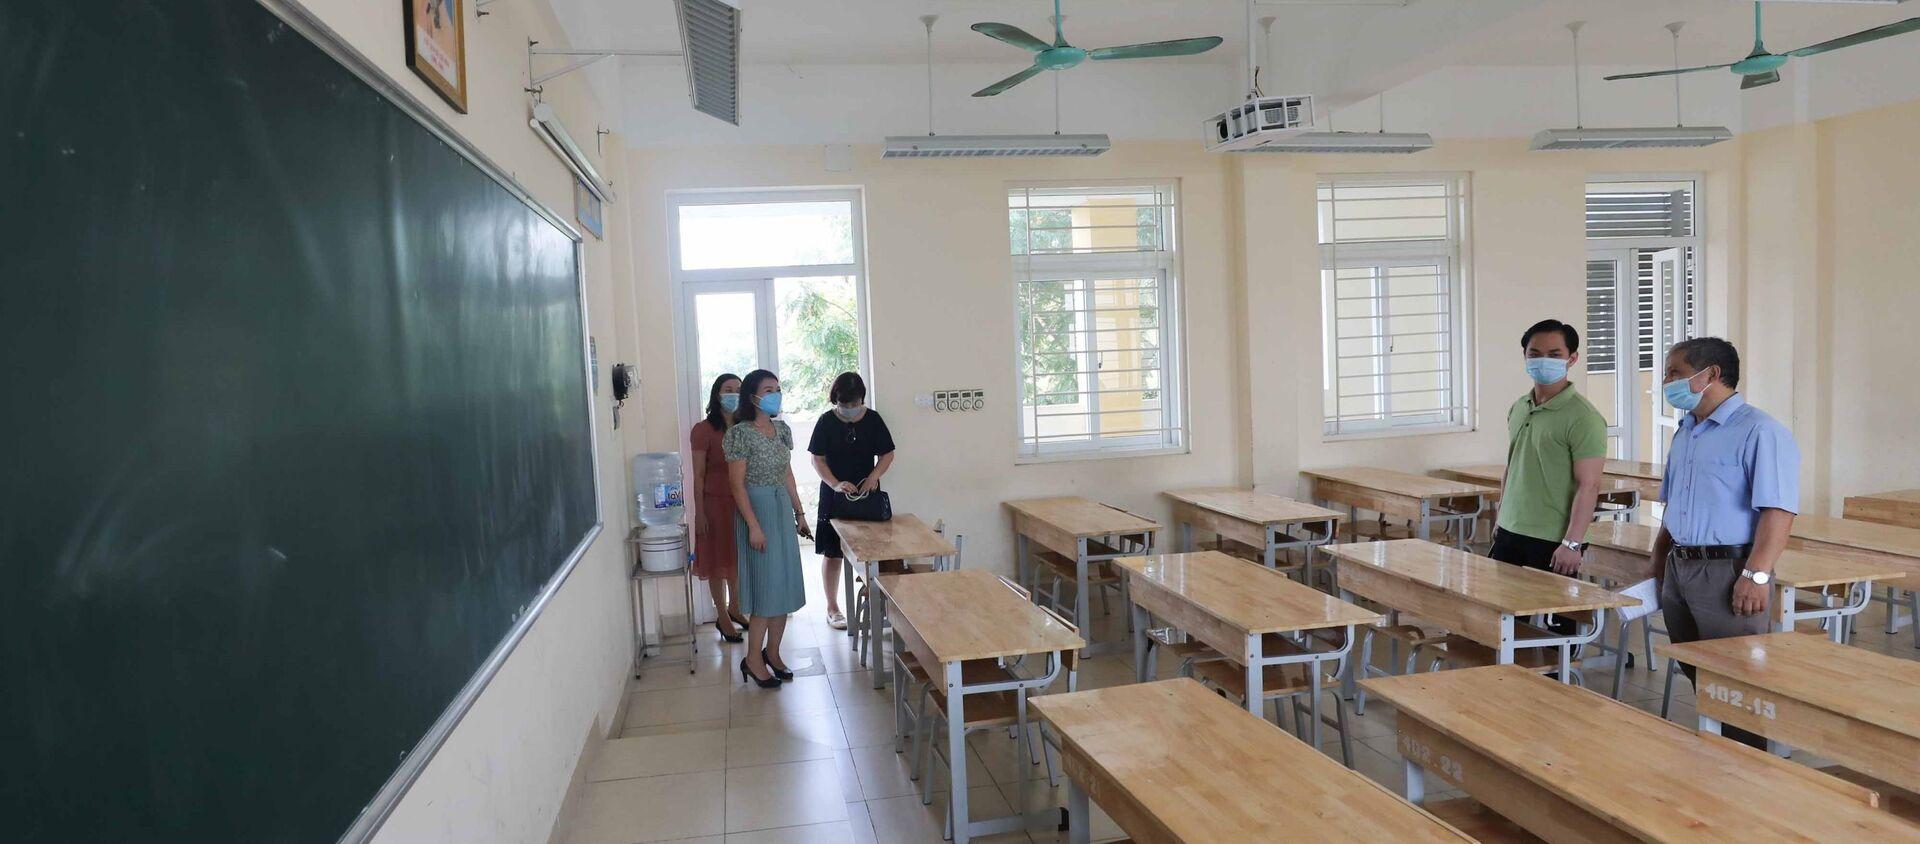 Đoàn công tác Sở GD&ĐT Hà Nội kiểm tra về công tác chuẩn bị cho kỳ thi tại điểm thi trường THPT Trần Nhân Tông, quận Hai Bà Trưng. - Sputnik Việt Nam, 1920, 03.06.2021